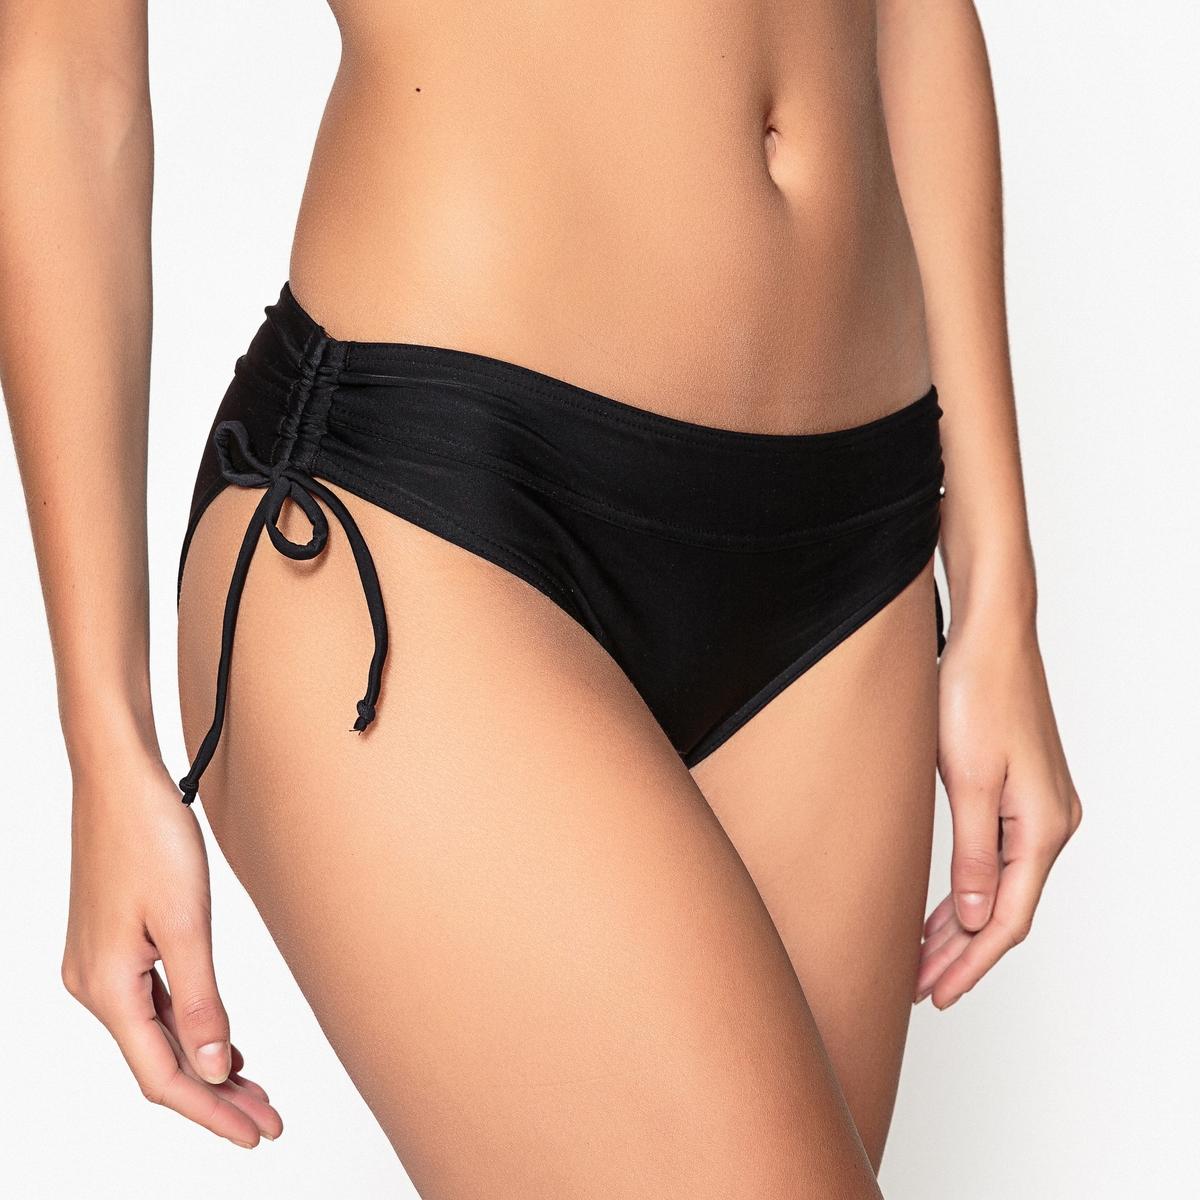 Низ от купальникаНиз от купальника  Плавки облегающие  Завязки по бокам Логотип Banana Moon с вышивкой спереди 20% эластана,  80% полиамида .<br><br>Цвет: черный